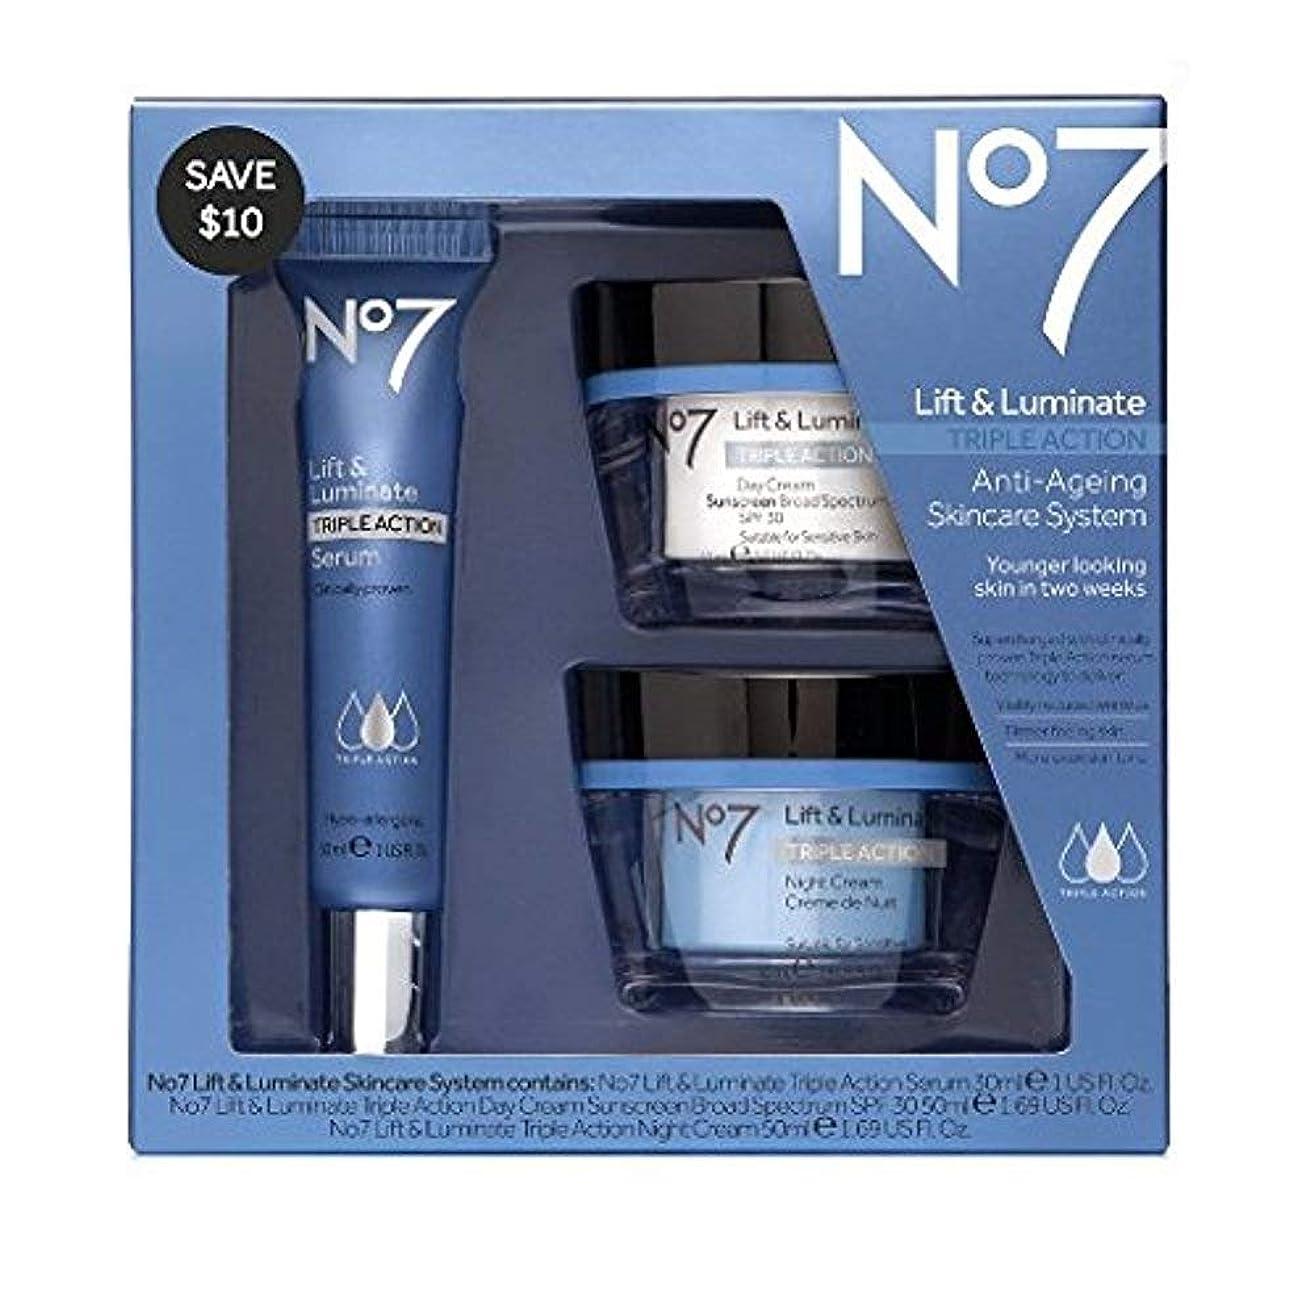 No7 Lift & Luminate Skincare Kit - 3 piece kit from Boots No 7 - Serum, Day Cream, Night Cream